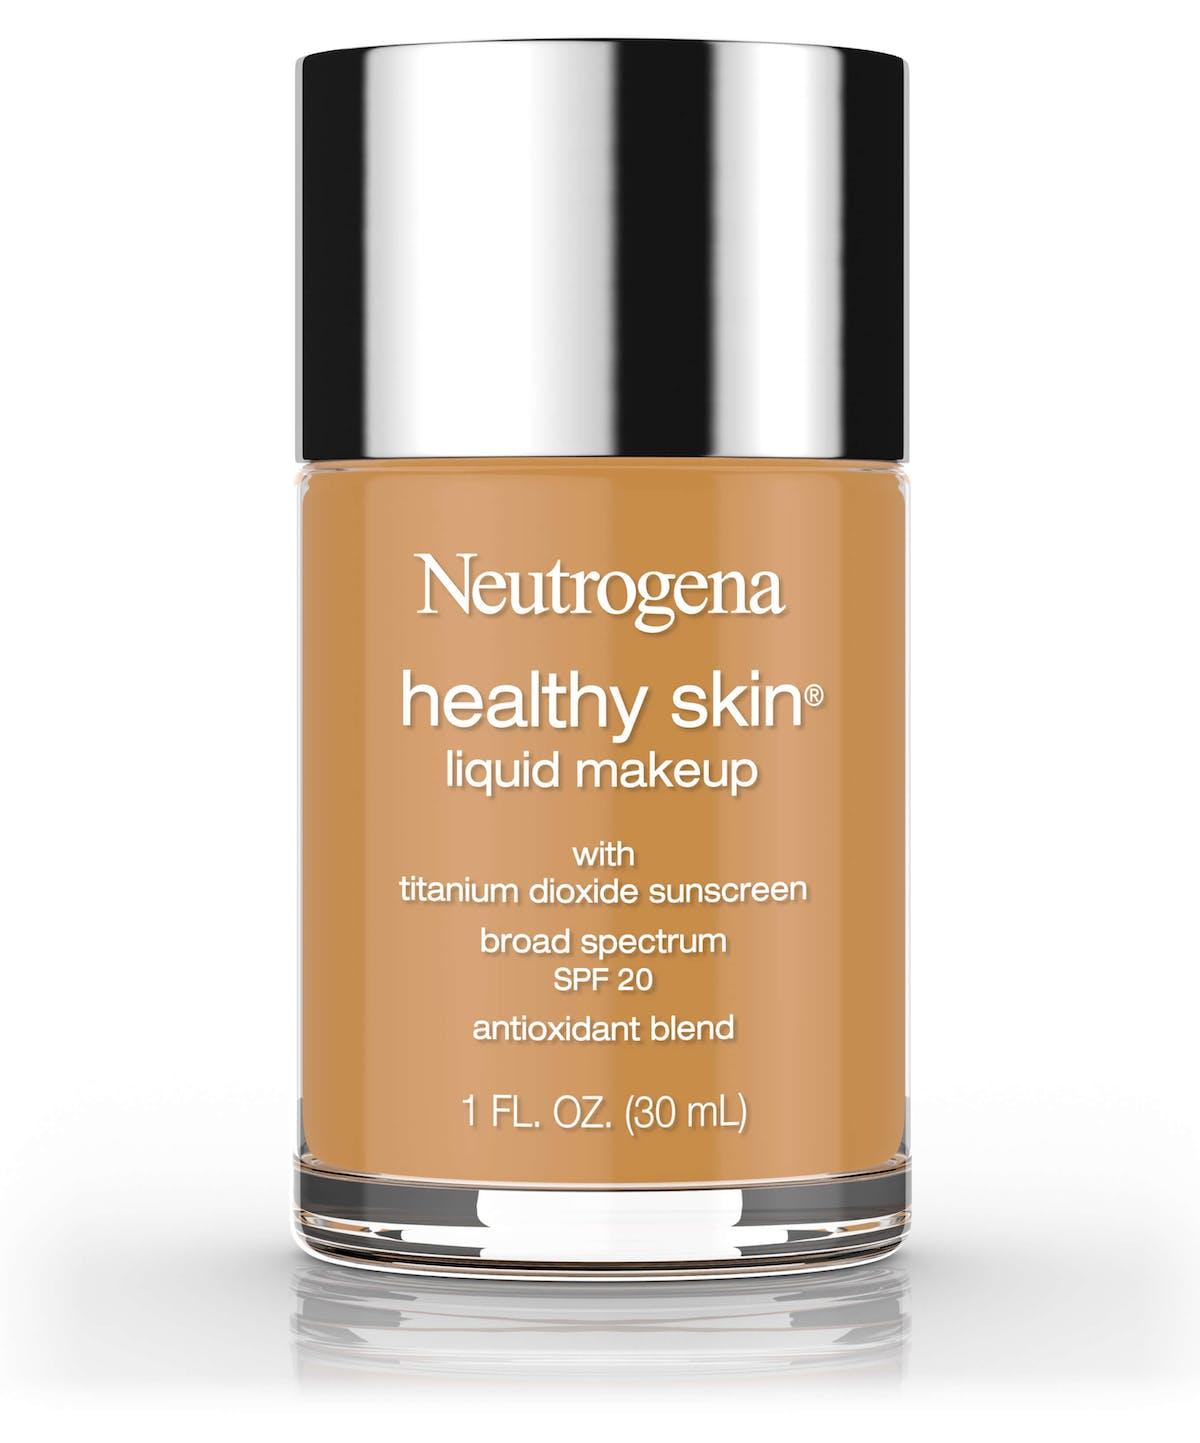 neutrogena foundation dark skin